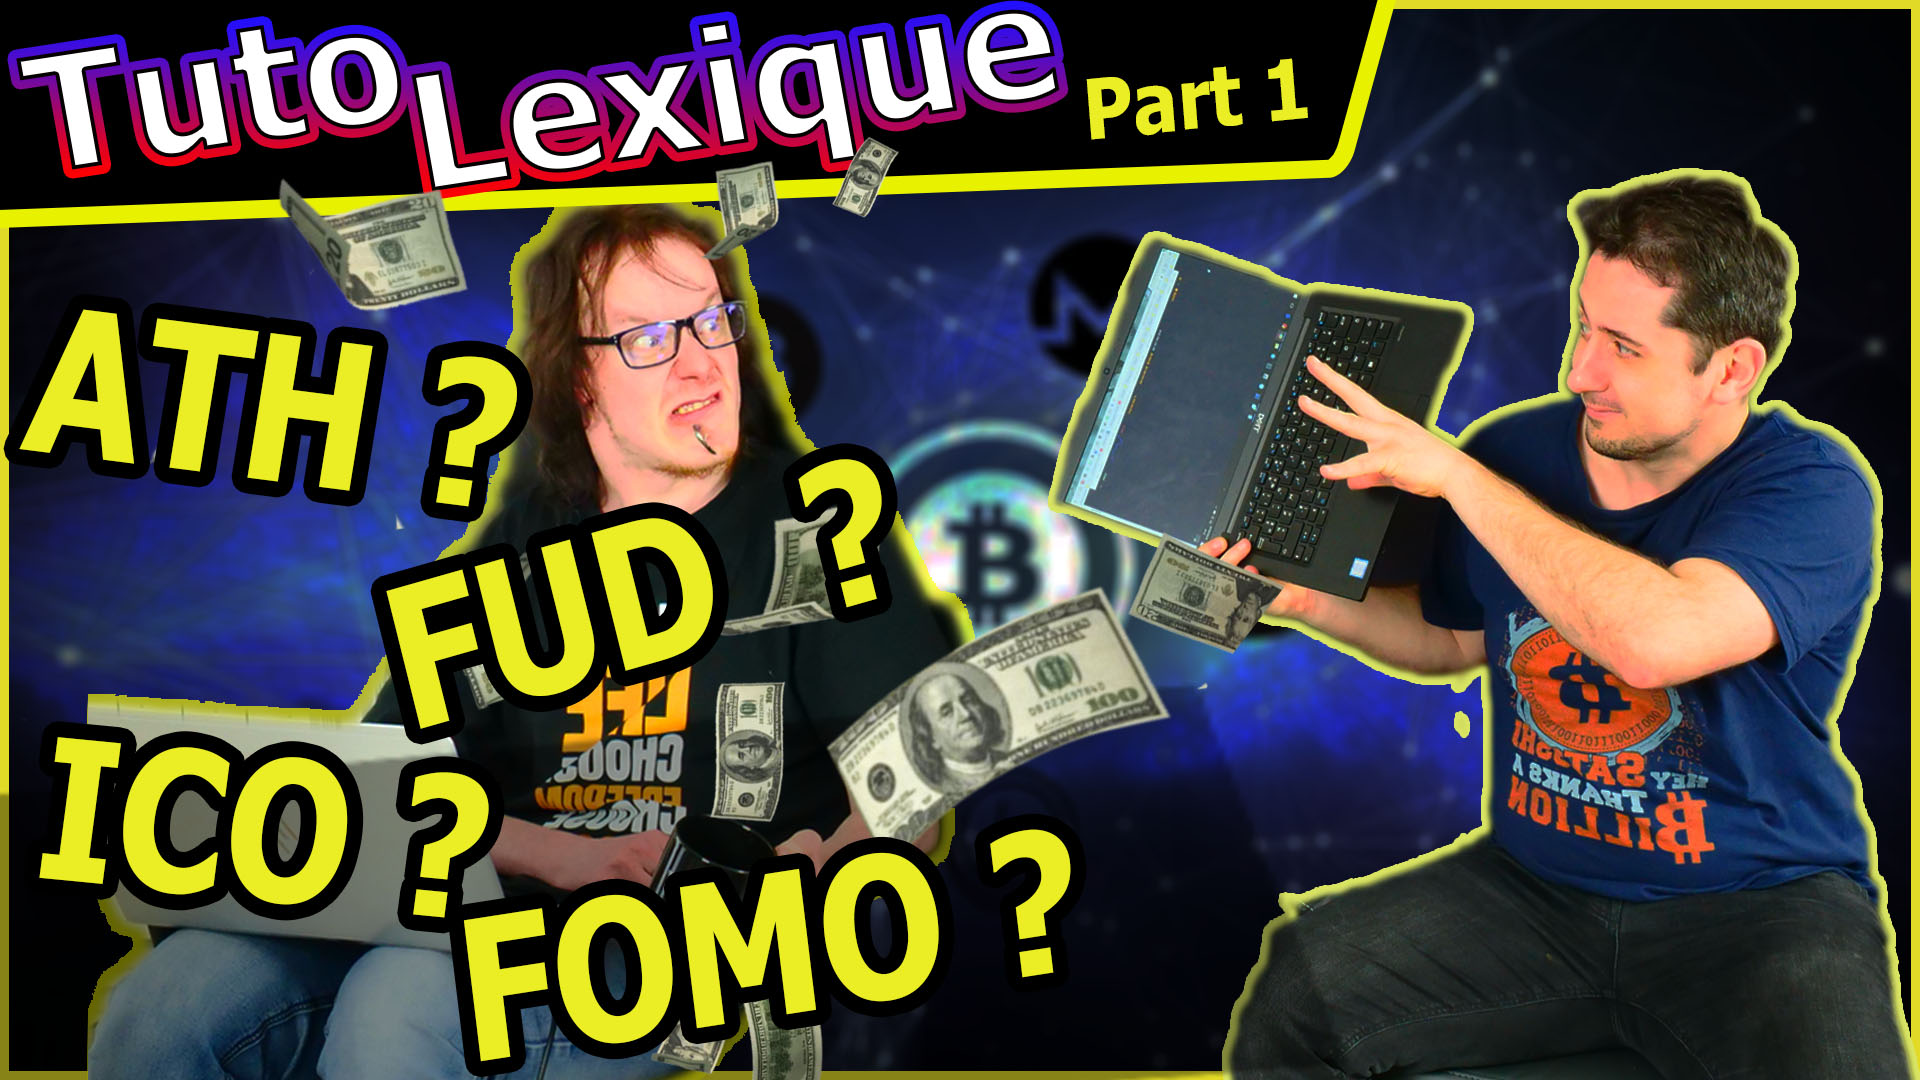 Le lexique vidéo Bitcoin et Cryptos pour débutants #ATH #FUD #FIAT #FOMO …